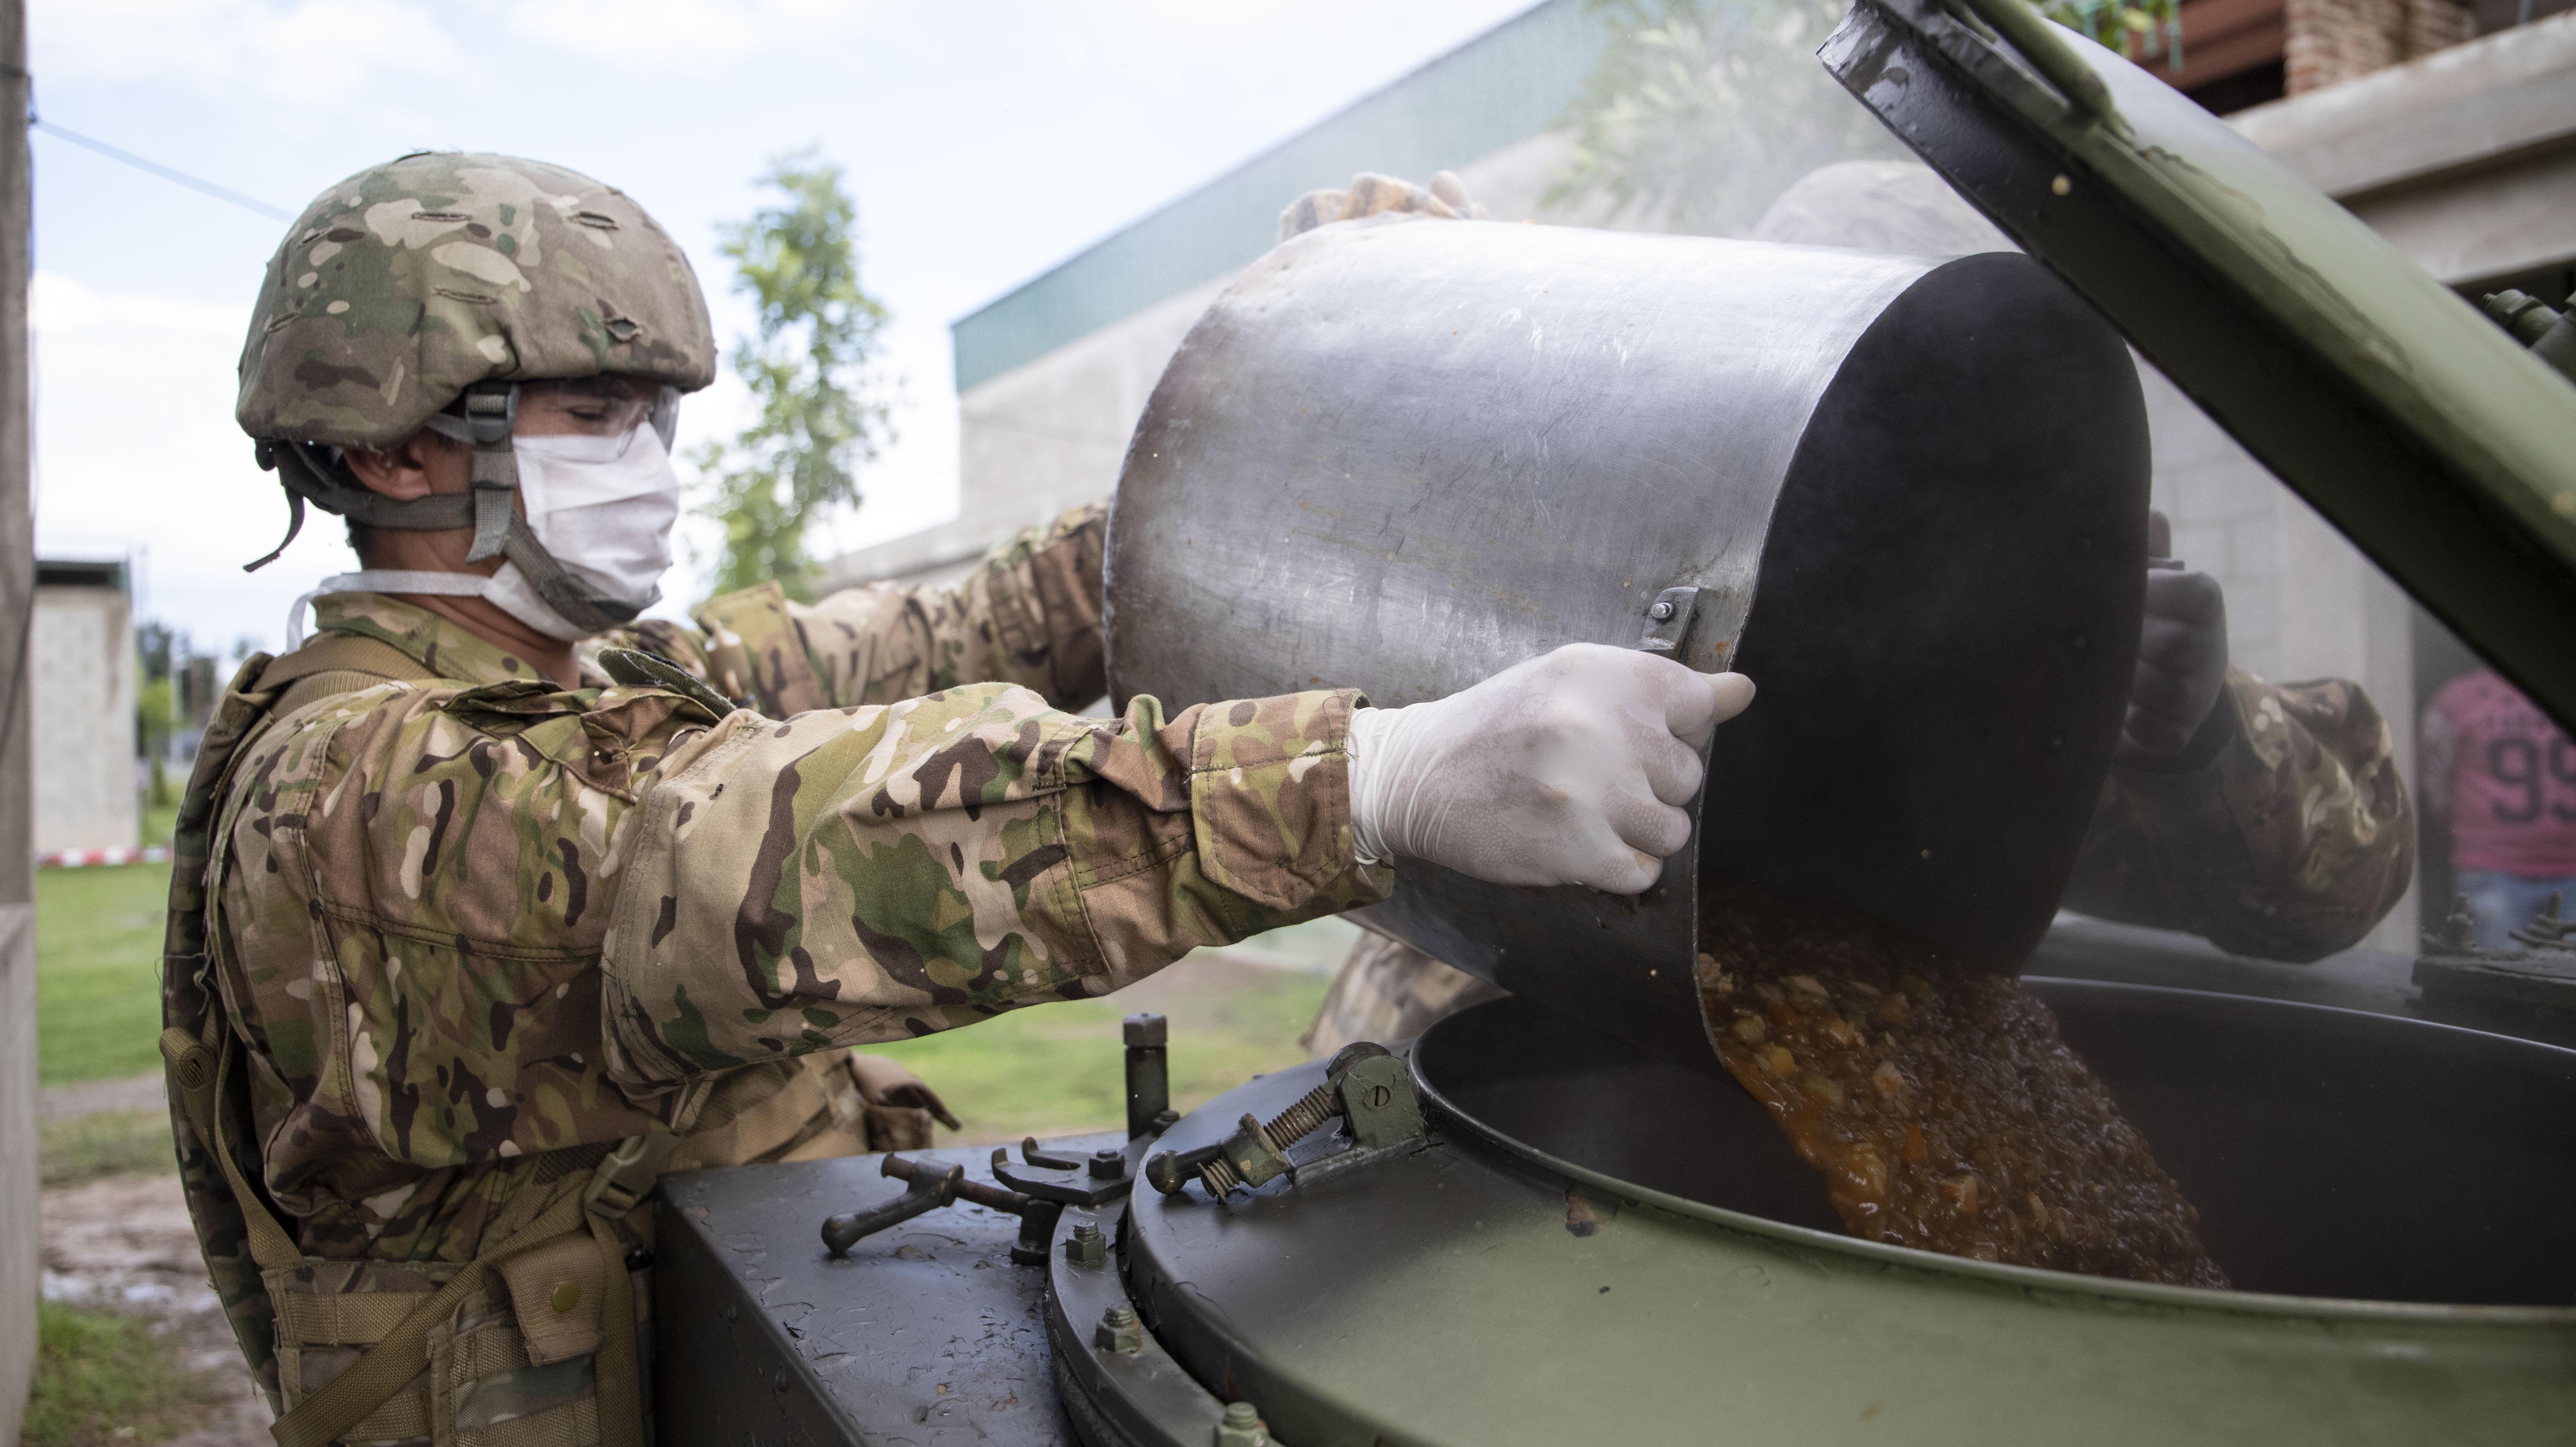 Las unidades del Ejército se desplegaron en tres puntos estratégicos que se irán ampliando durante la semana